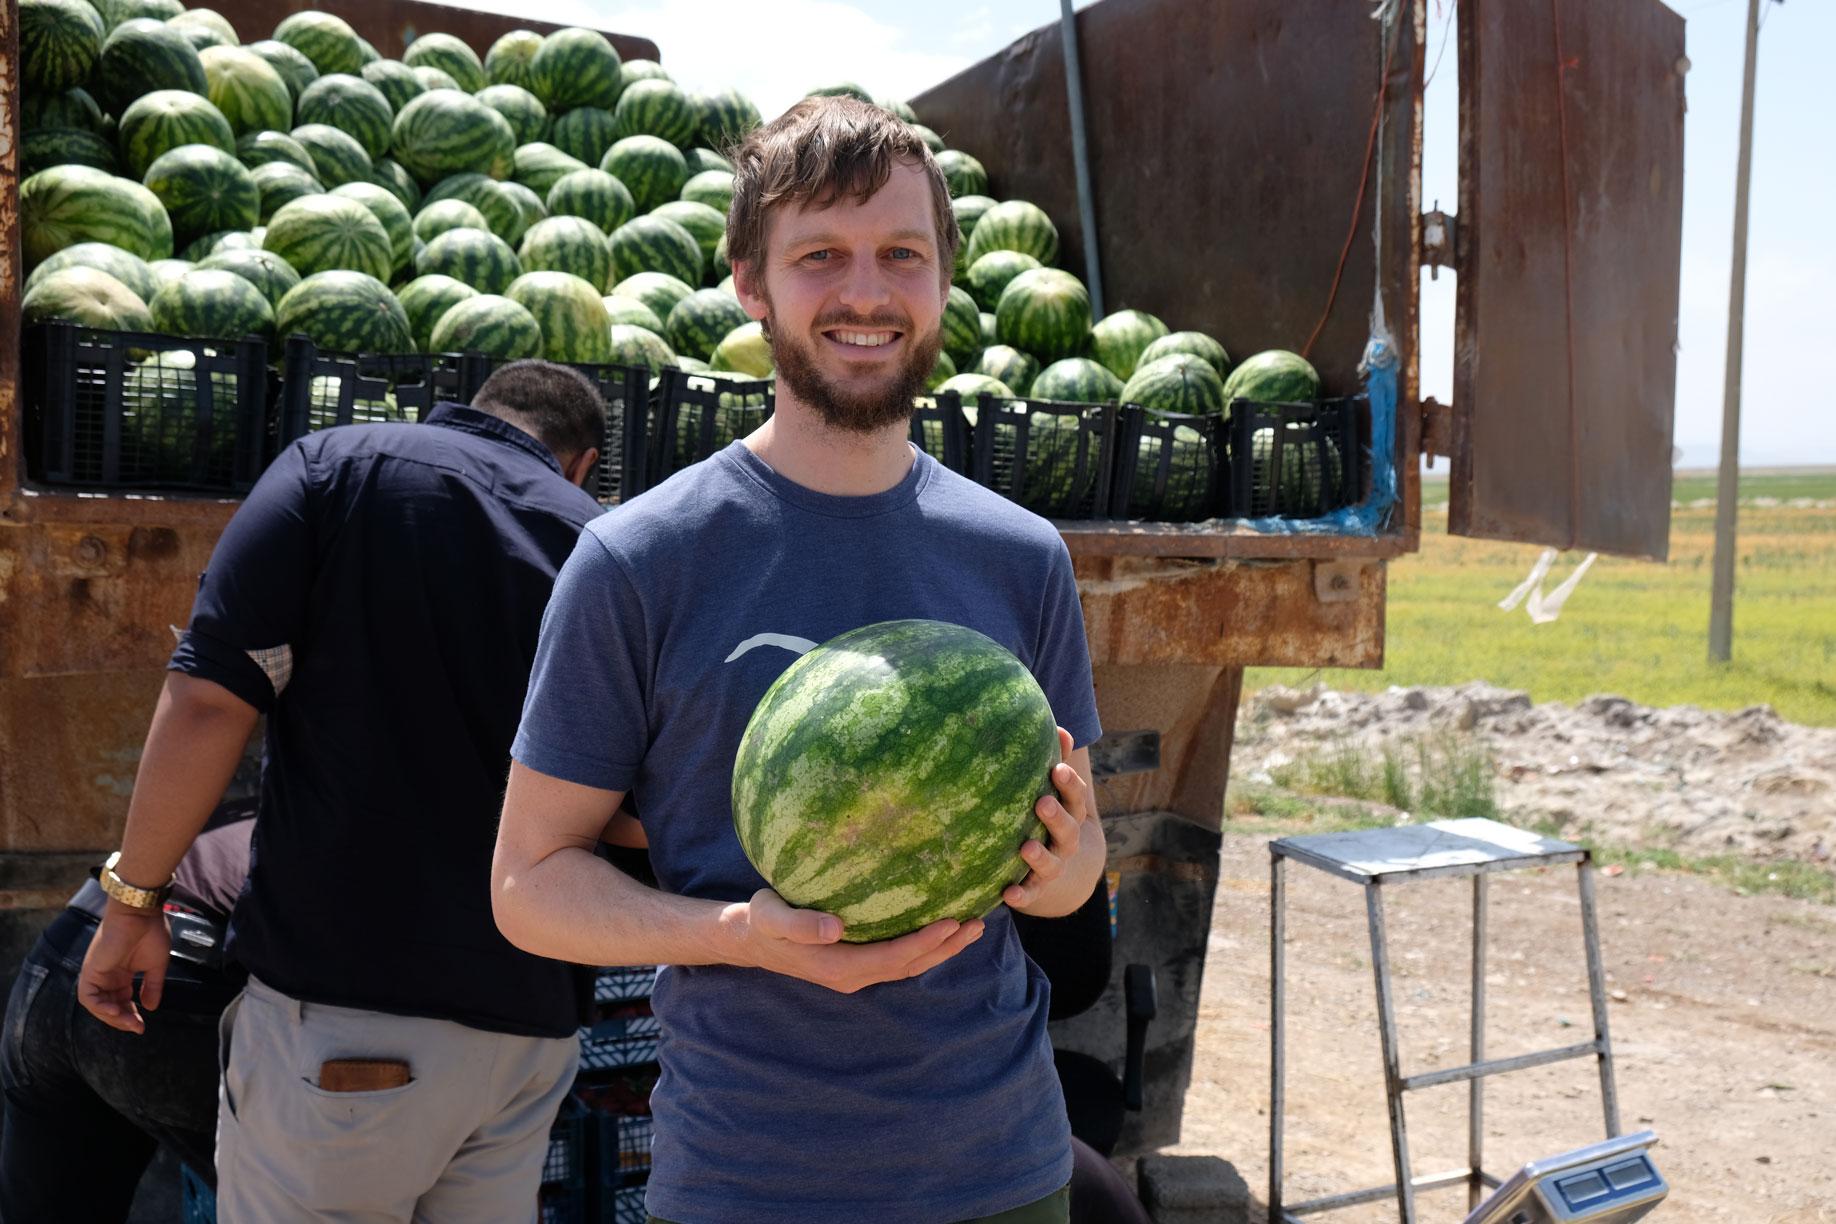 Sebastian hält vor einem Lastwagen, der mit Wassermelonen beladen ist, eine Wassermelone in der Hand